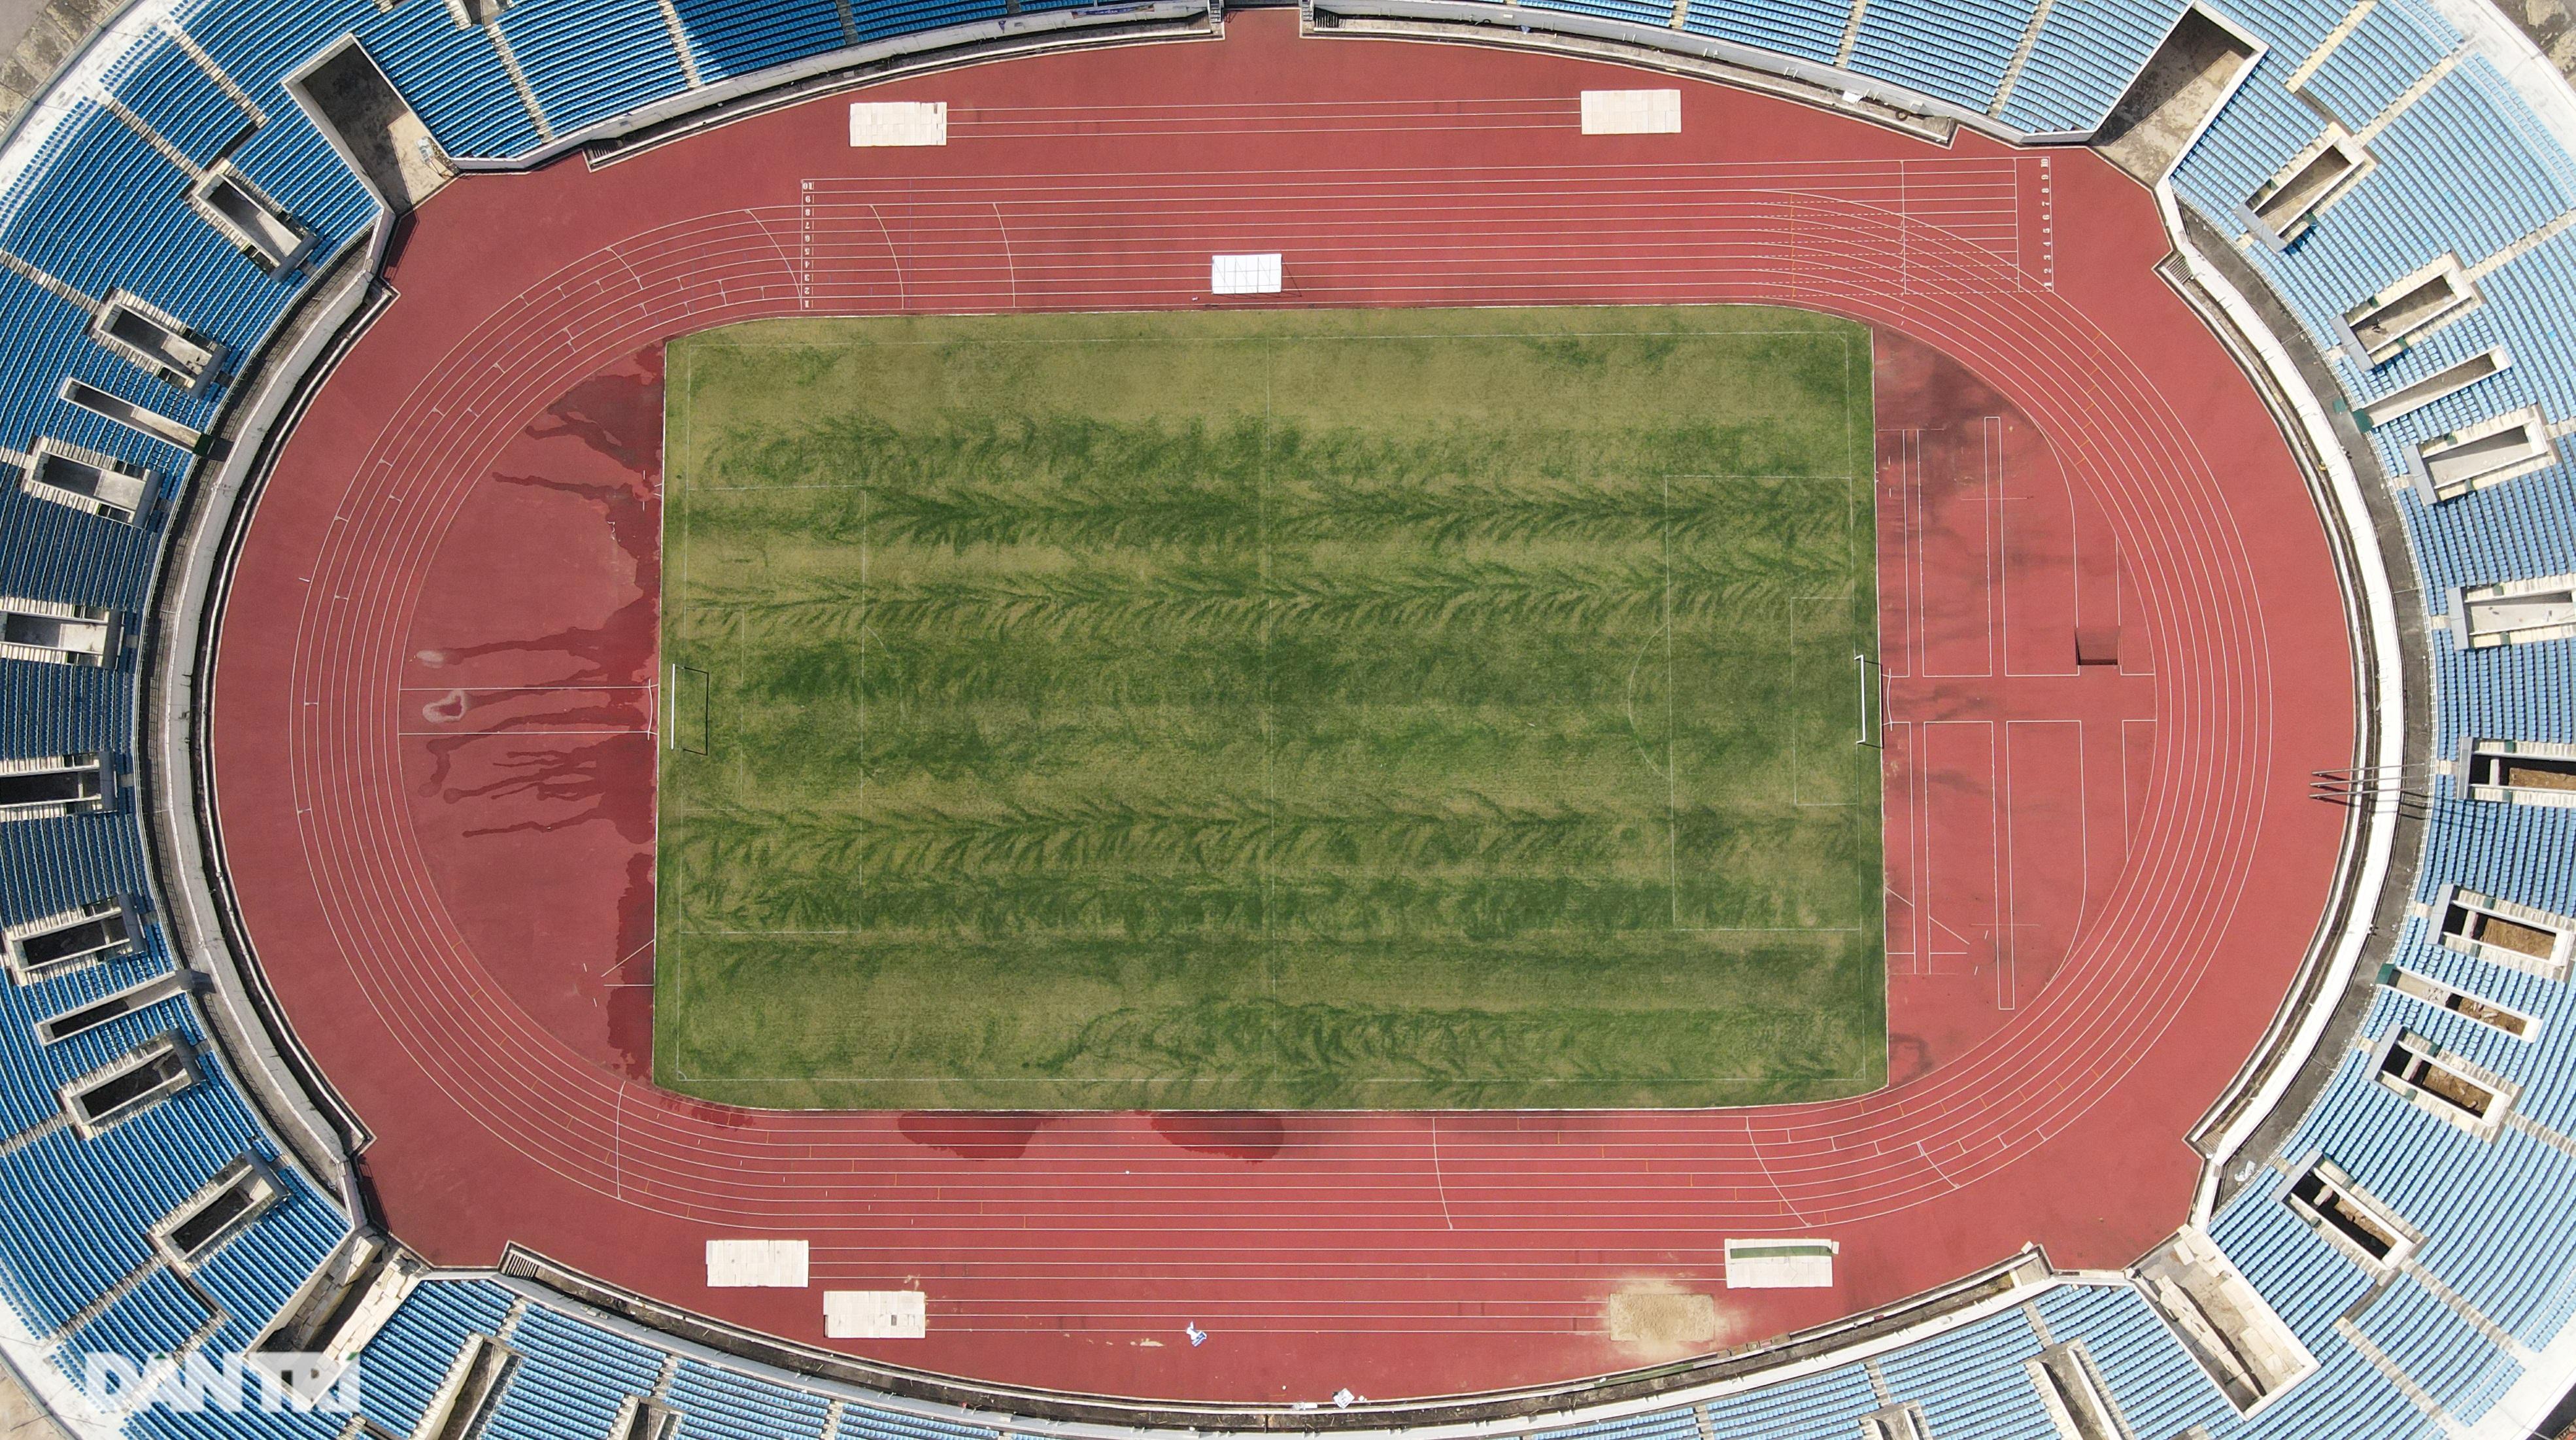 Cận cảnh đại tu Sân vận động Mỹ Đình sau 17 năm hoạt động - 1